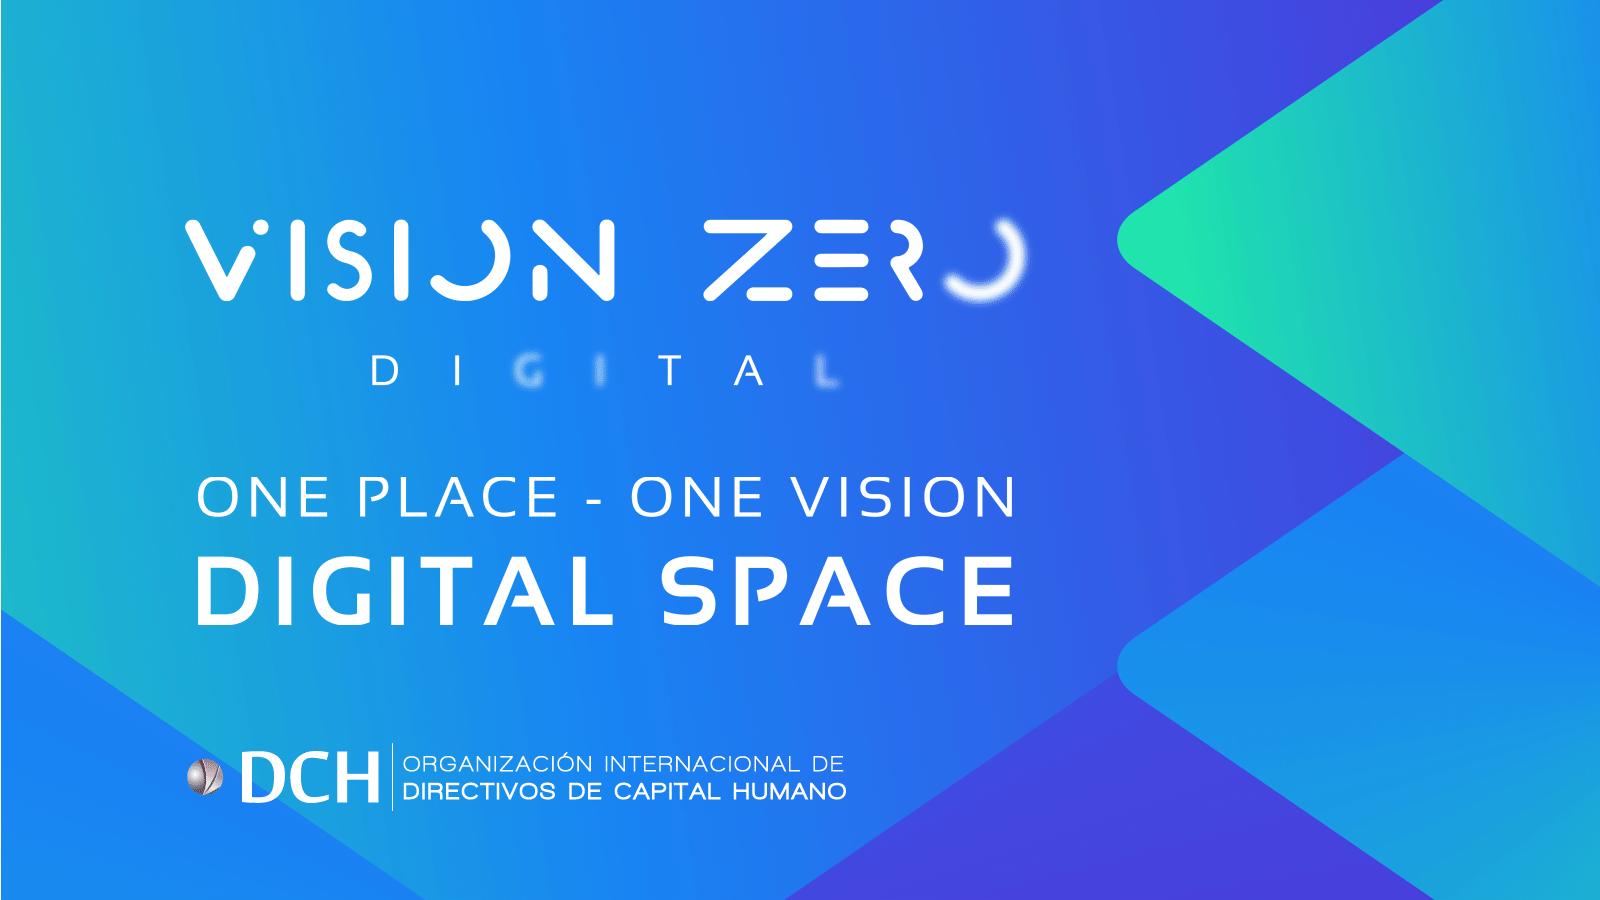 Visio Zero Digital